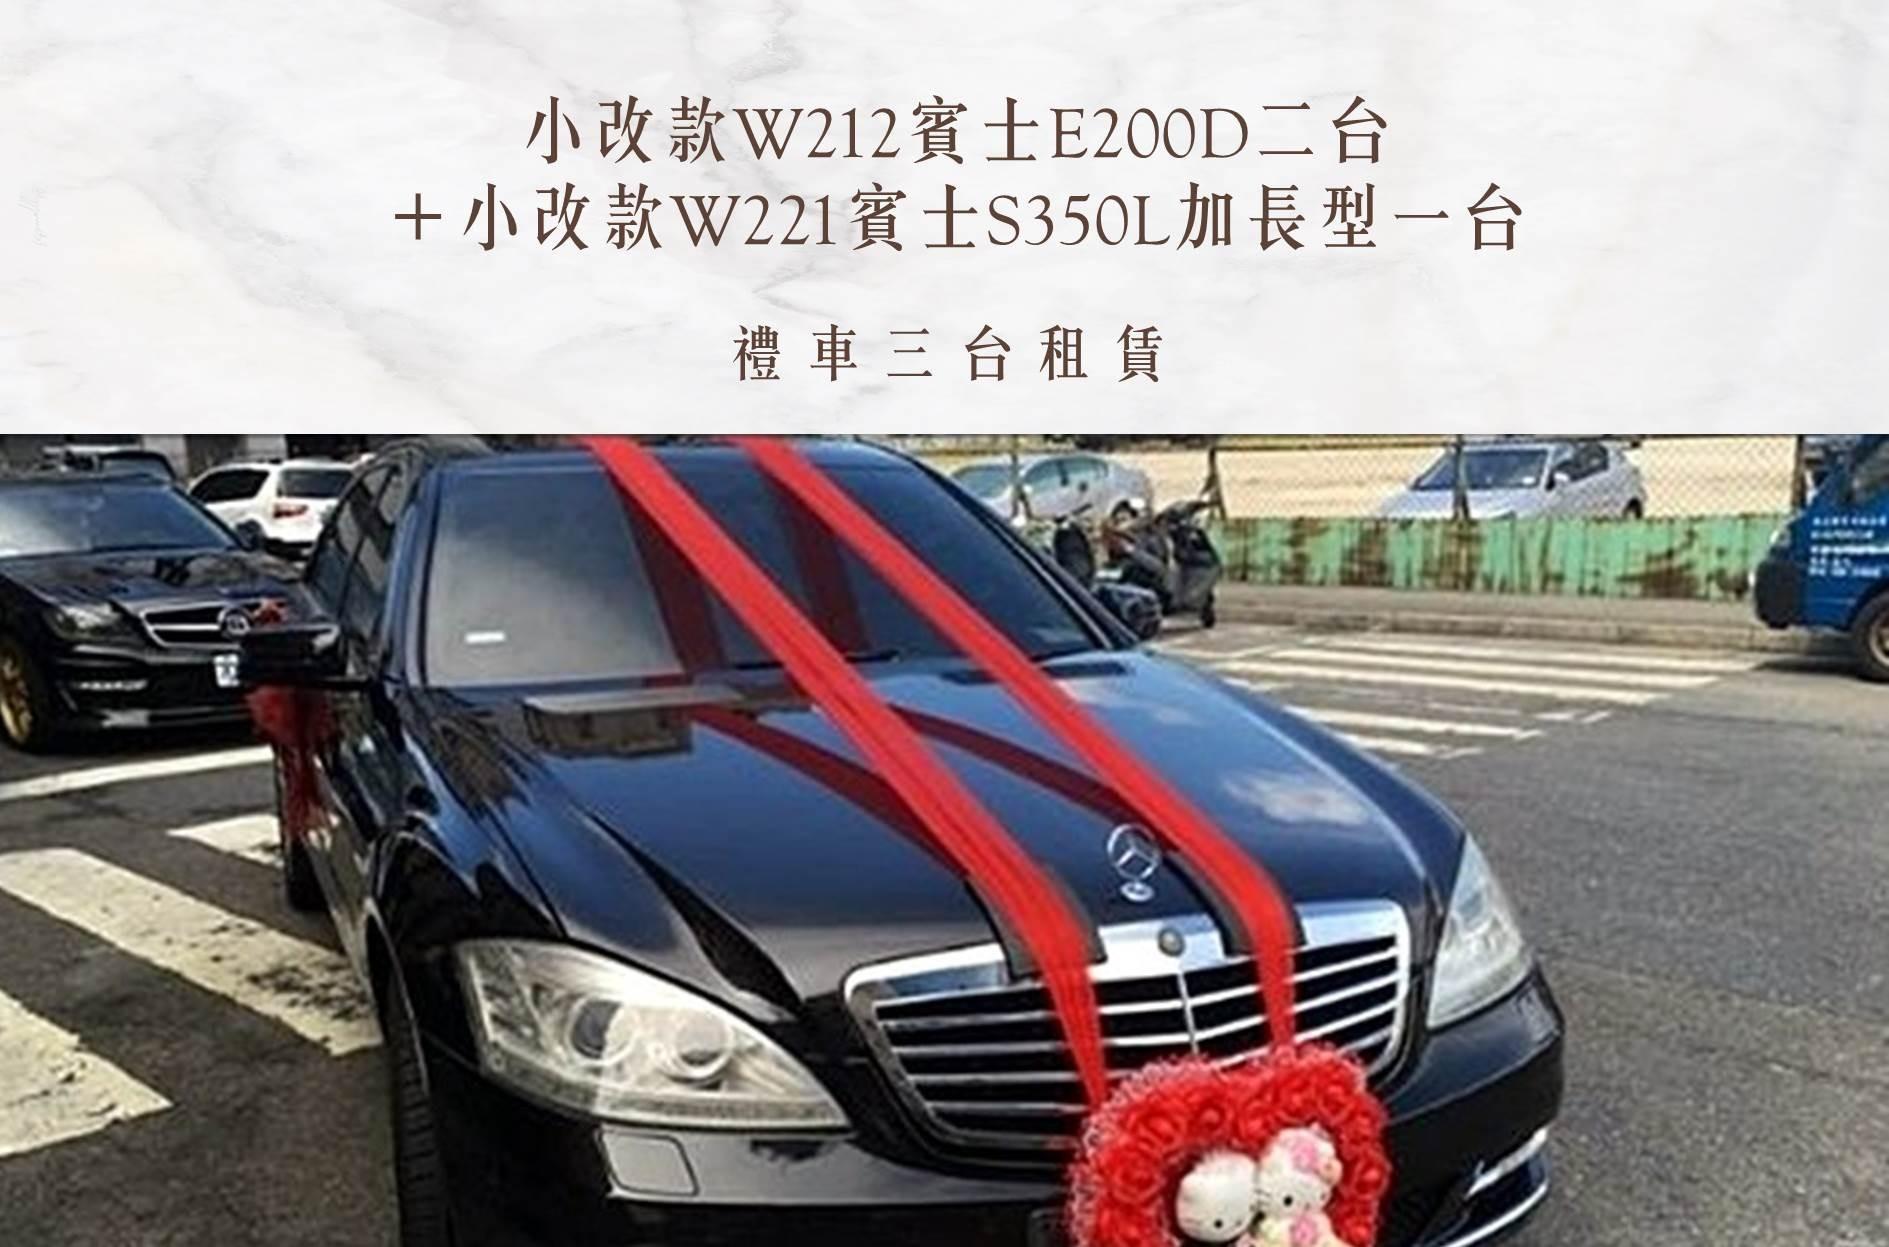 小改款W212賓士E200D二台+小改款W221賓士S350L加長型一台